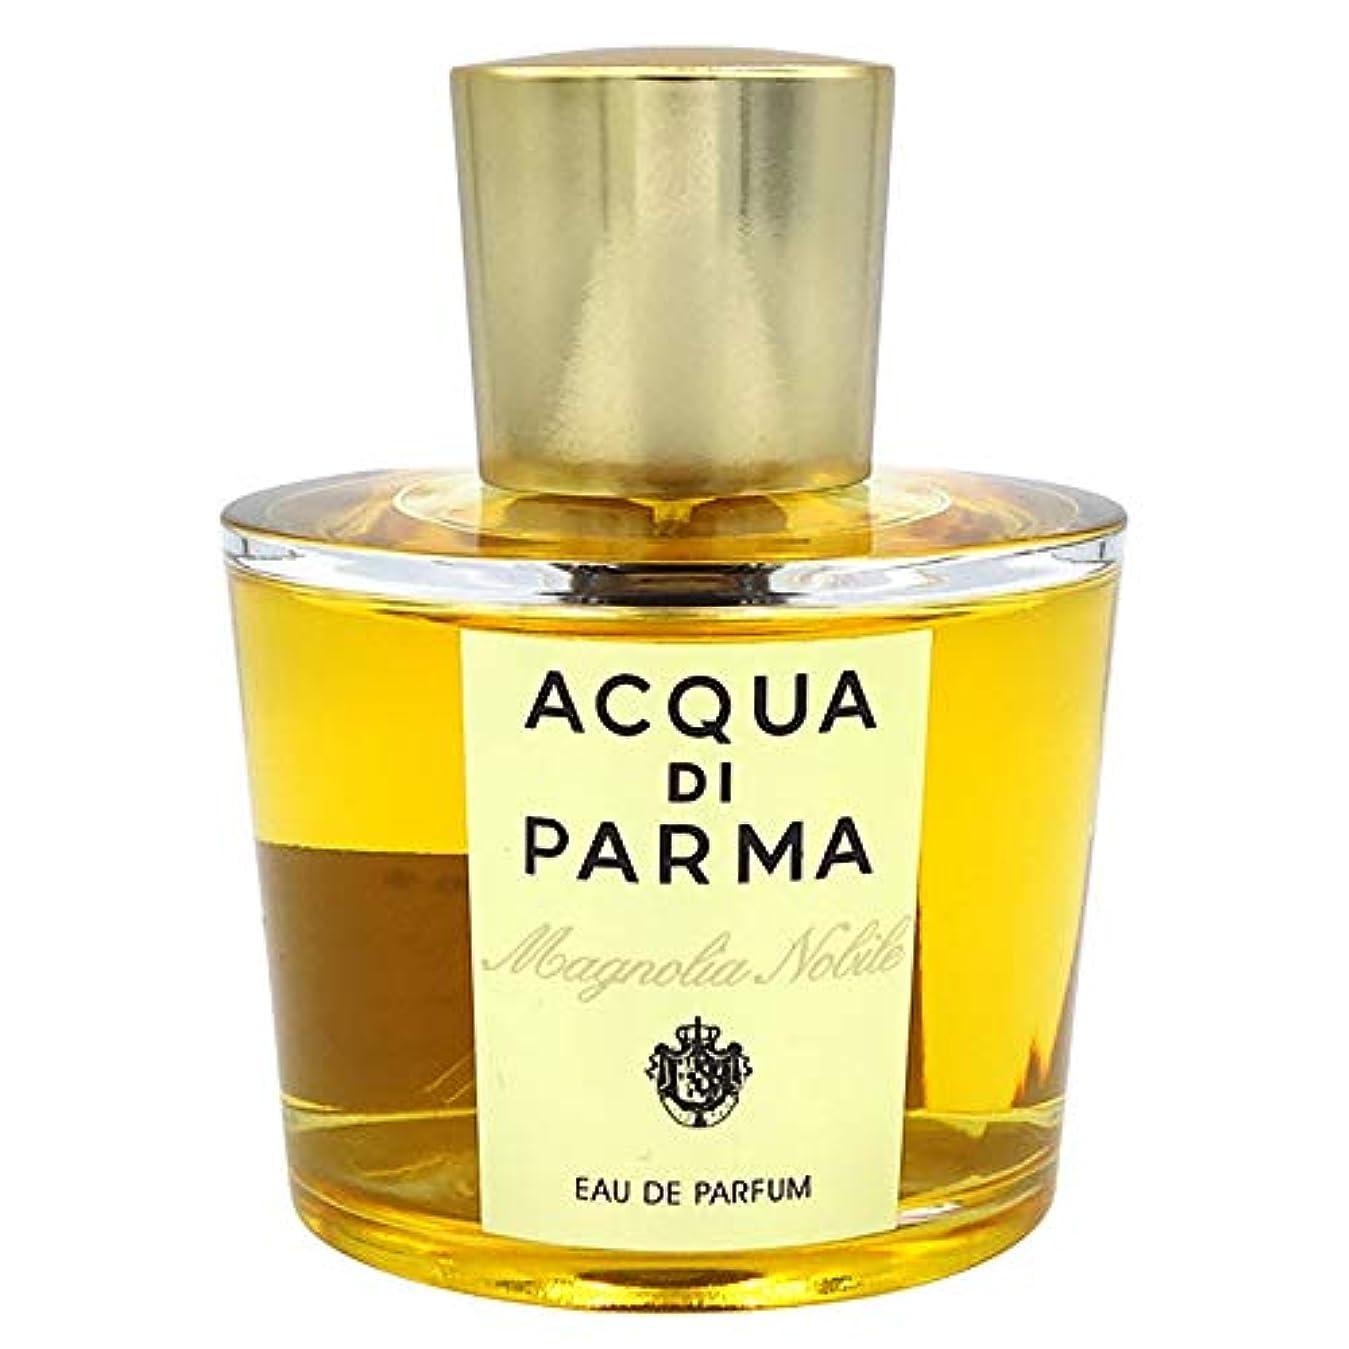 昆虫を見る平行取得するアクア ディ パルマ ACQUA DI PARMA マグノリア ノービレ (テスター)EDP SP 100ml [並行輸入品]